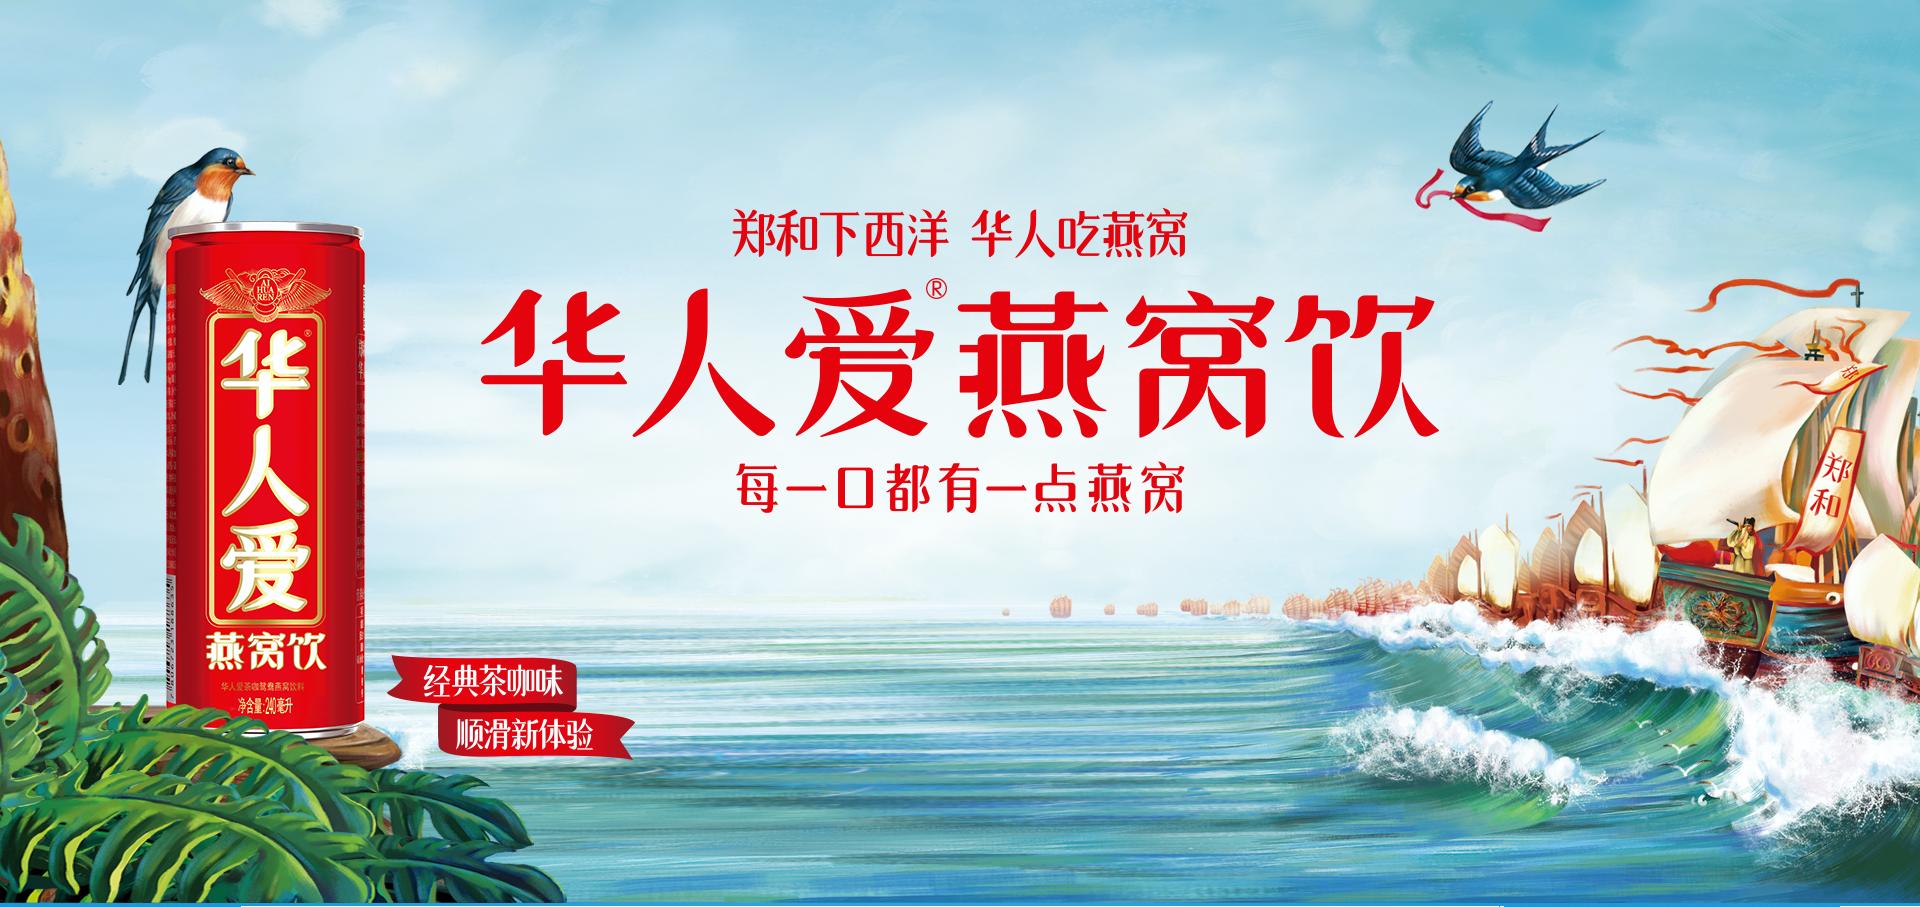 郑和下西洋,华人吃燕窝